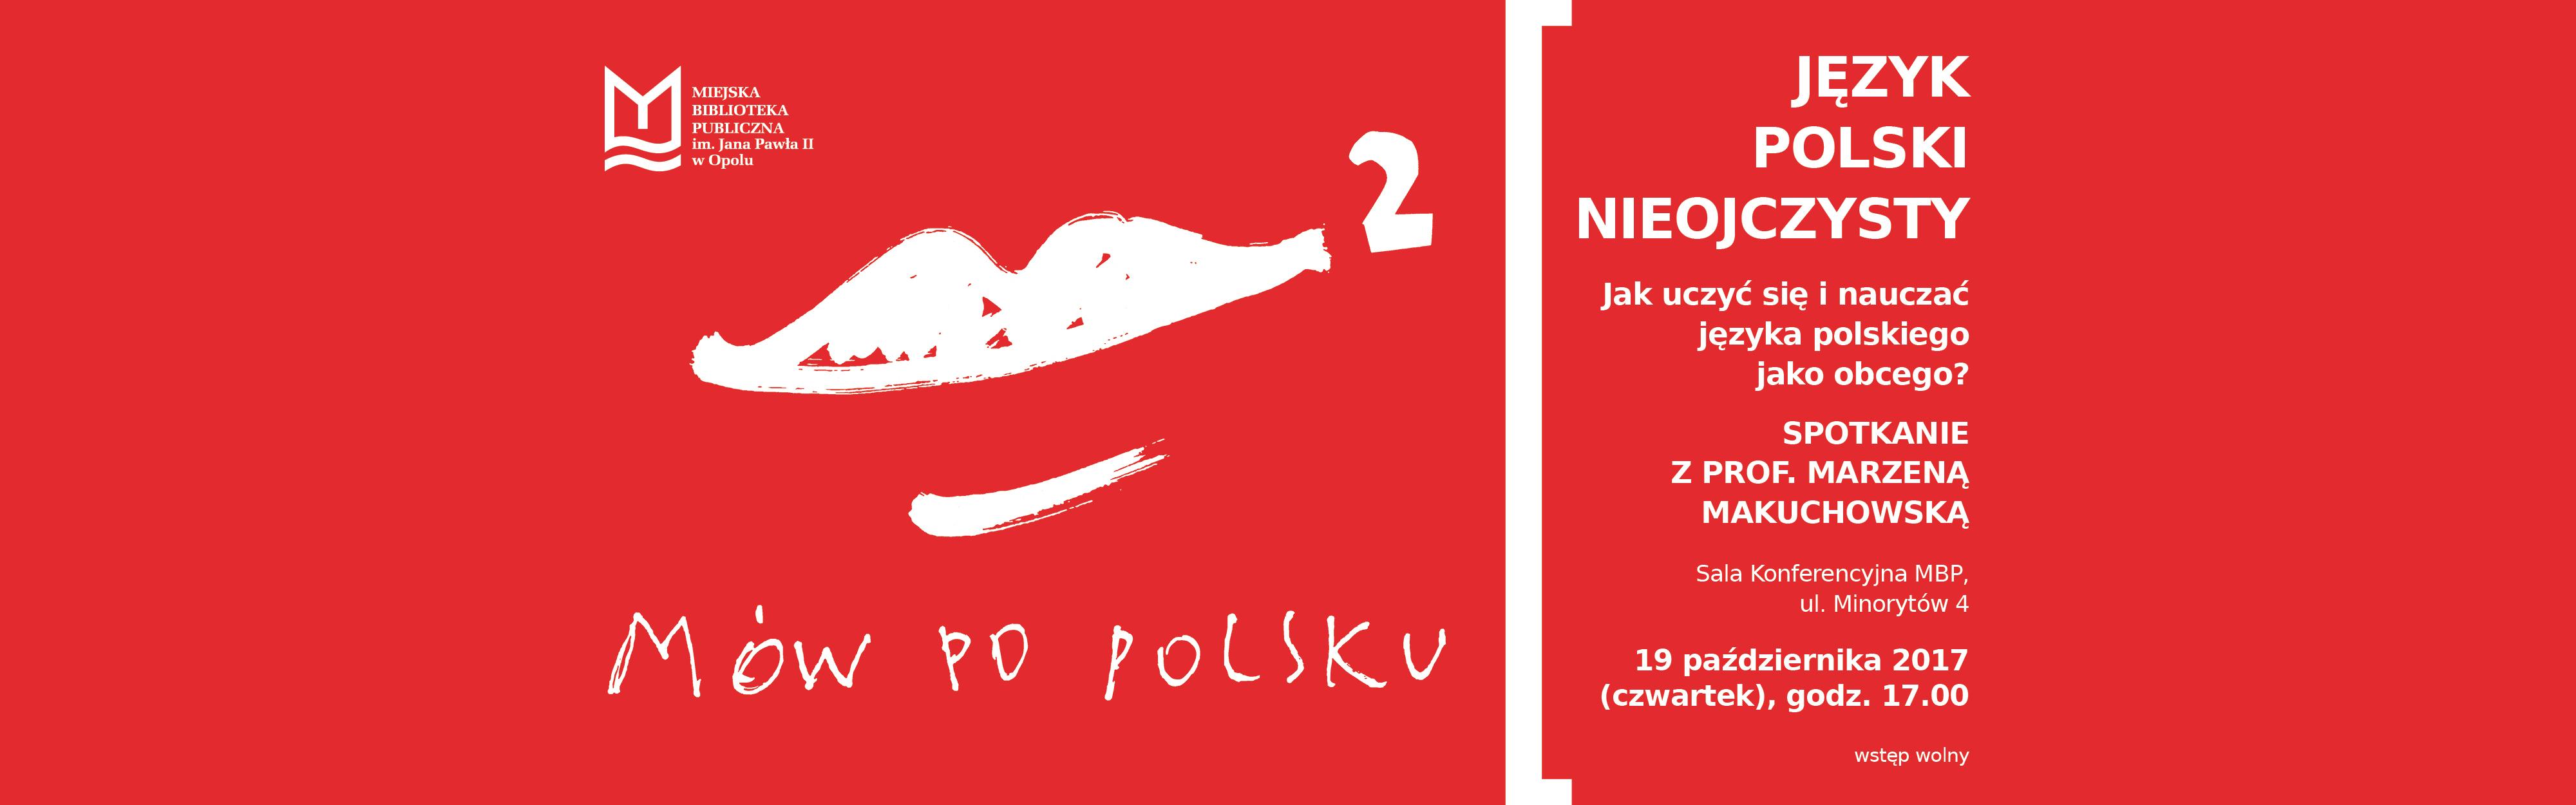 Język polski nieojczysty – jak uczyć się i nauczać języka polskiego jako obcego?